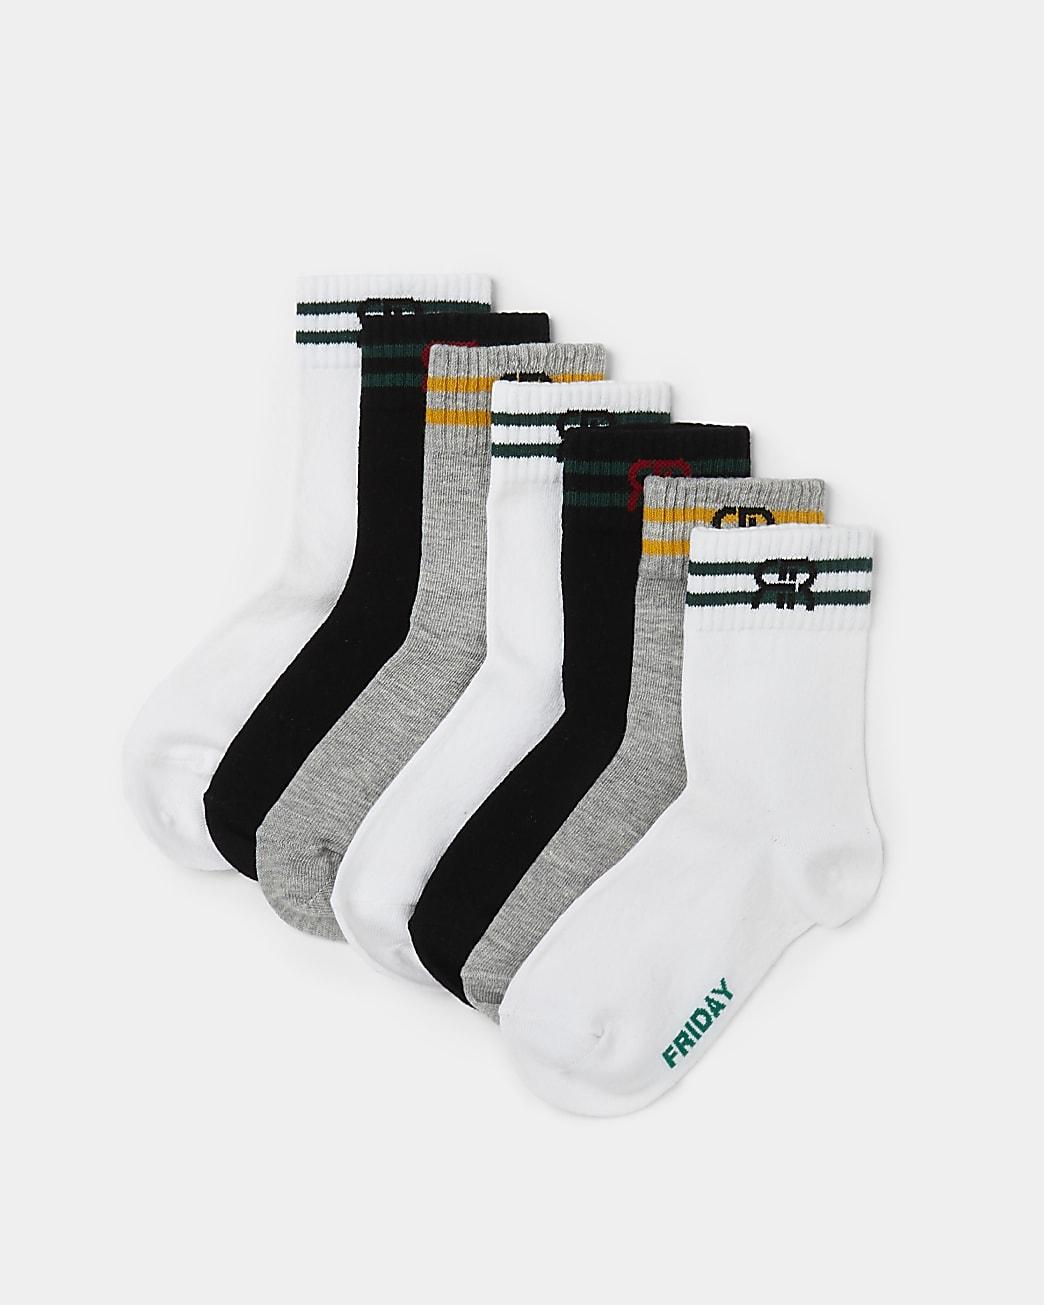 Boys white days of the week socks 7 pack